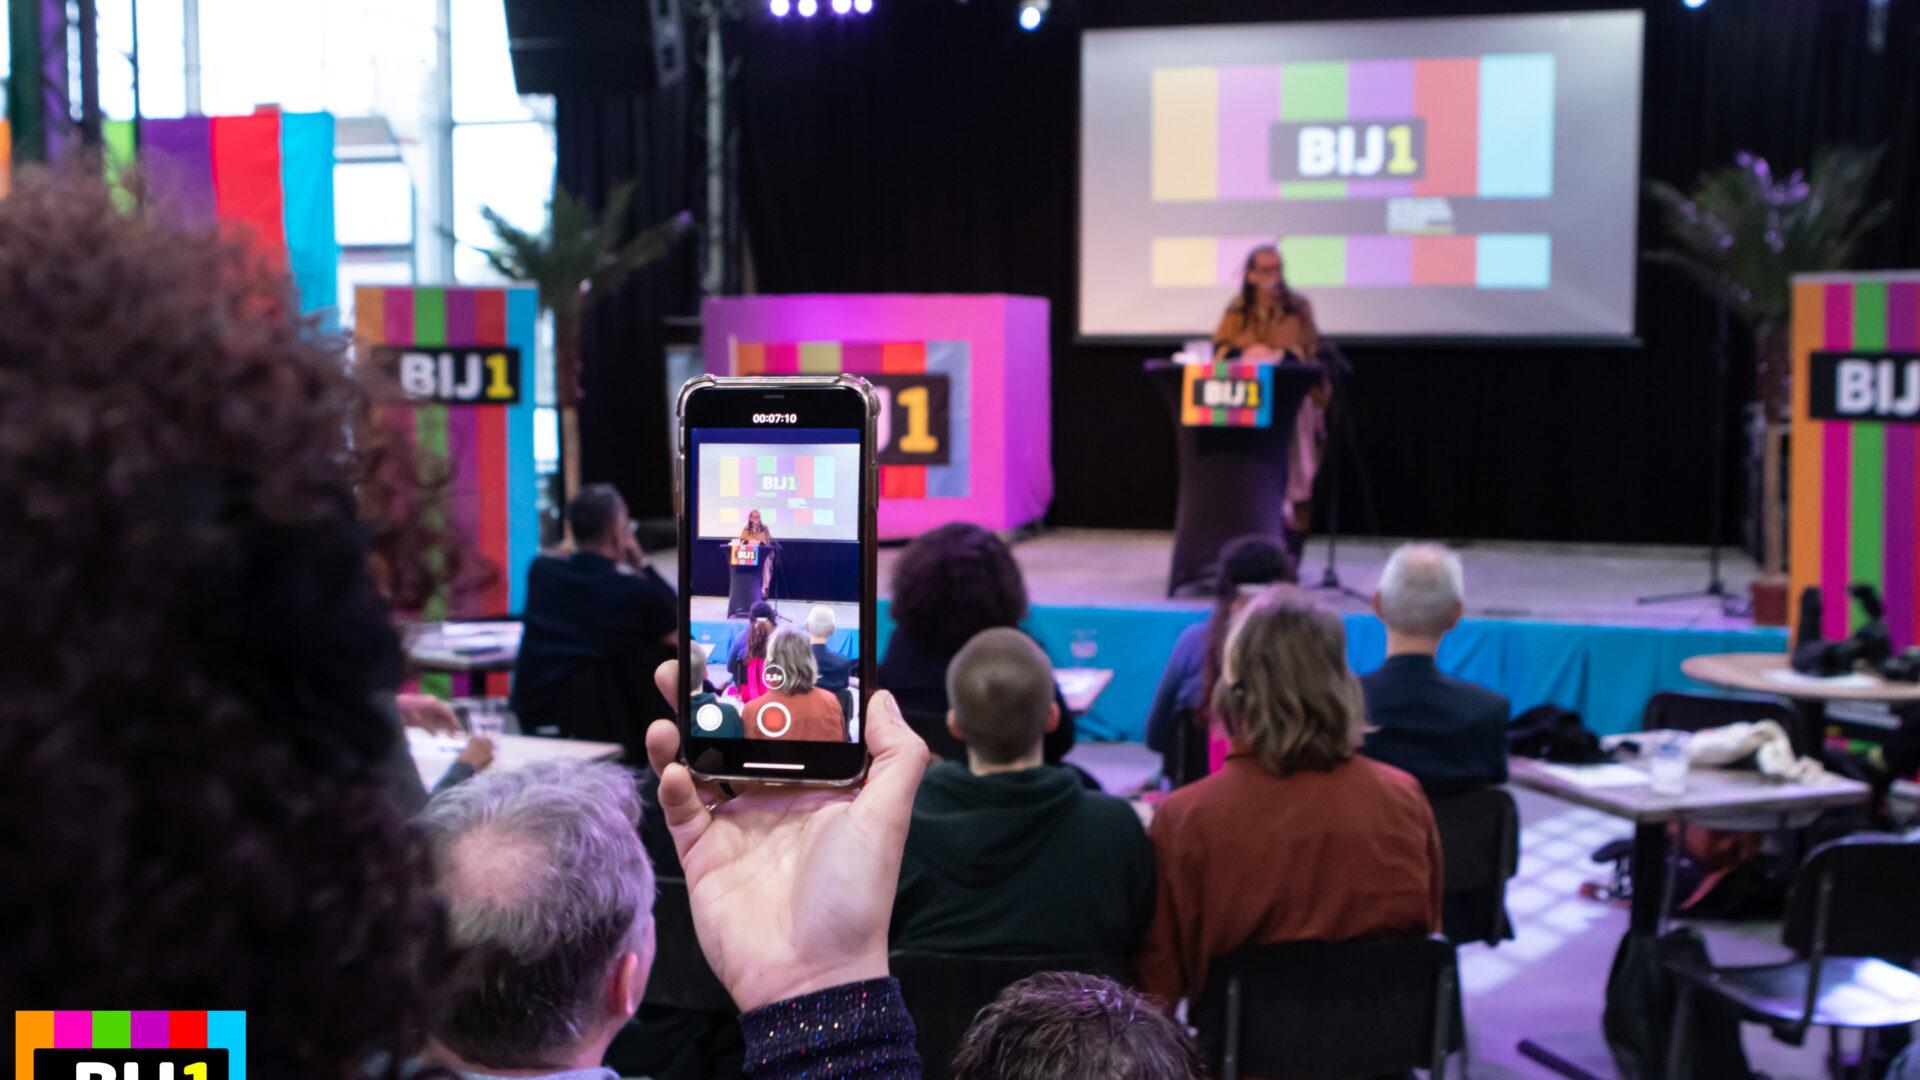 Een foto van het BIJ1 podium tijdens de kick off op 2 februari 2020. Veel BIJ1 logo's. Professor Gloria Wekker staat op het podium te spreken. Iemand filmt haar met een mobiele telefoon.